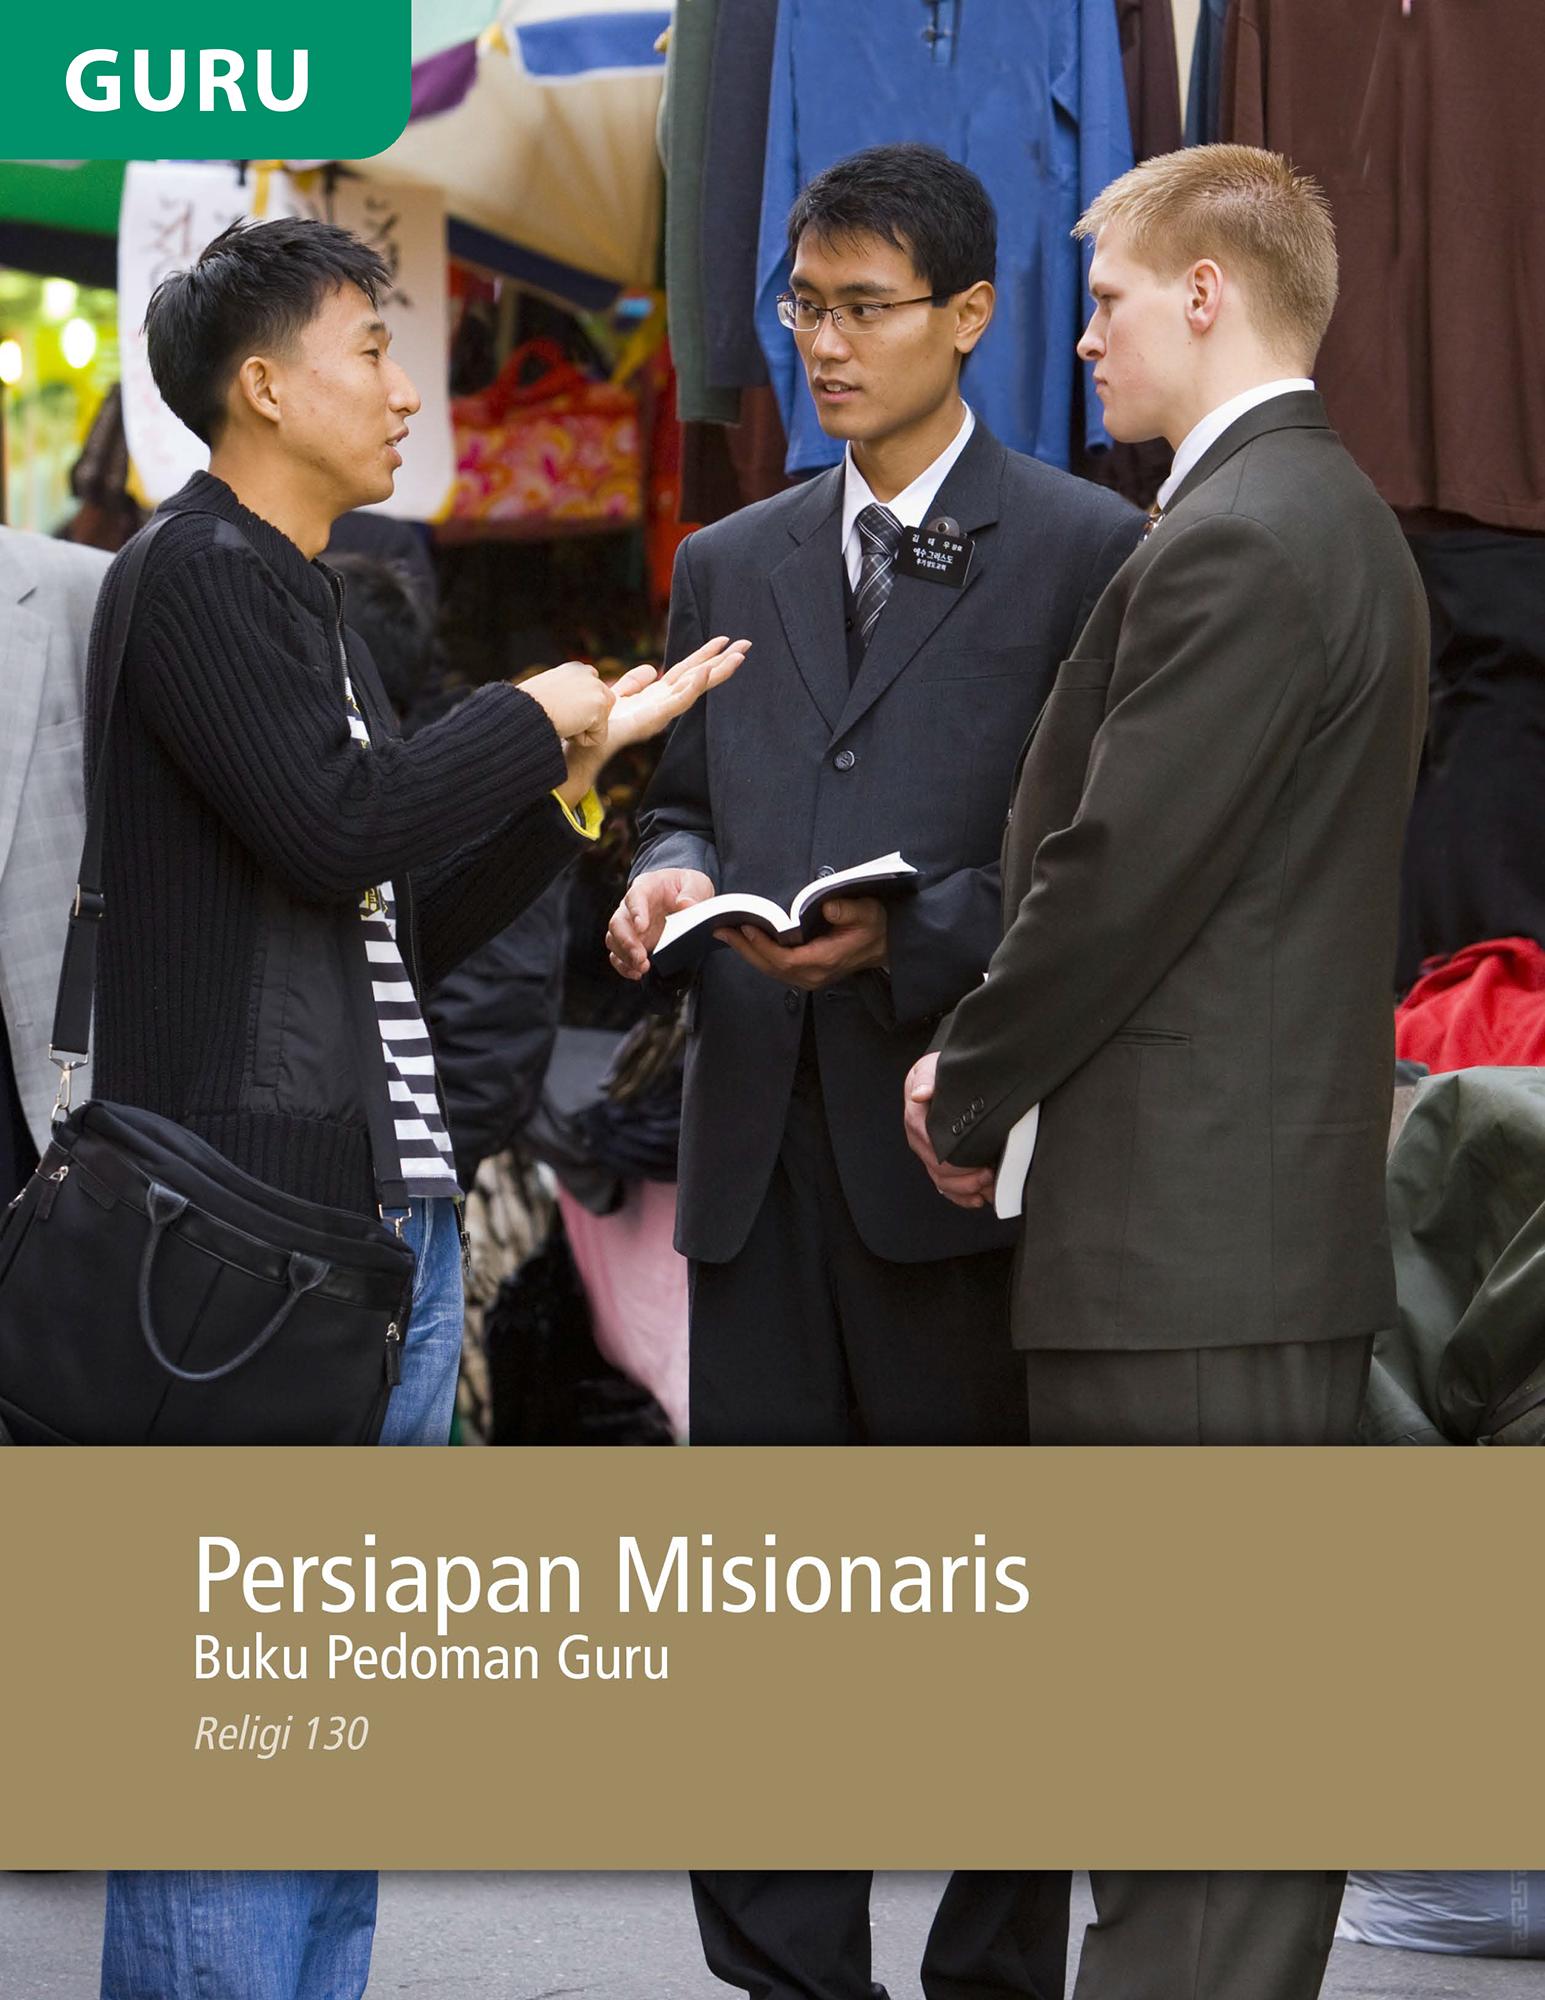 Buku Pedoman Guru Persiapan Misionaris (Religi 130)